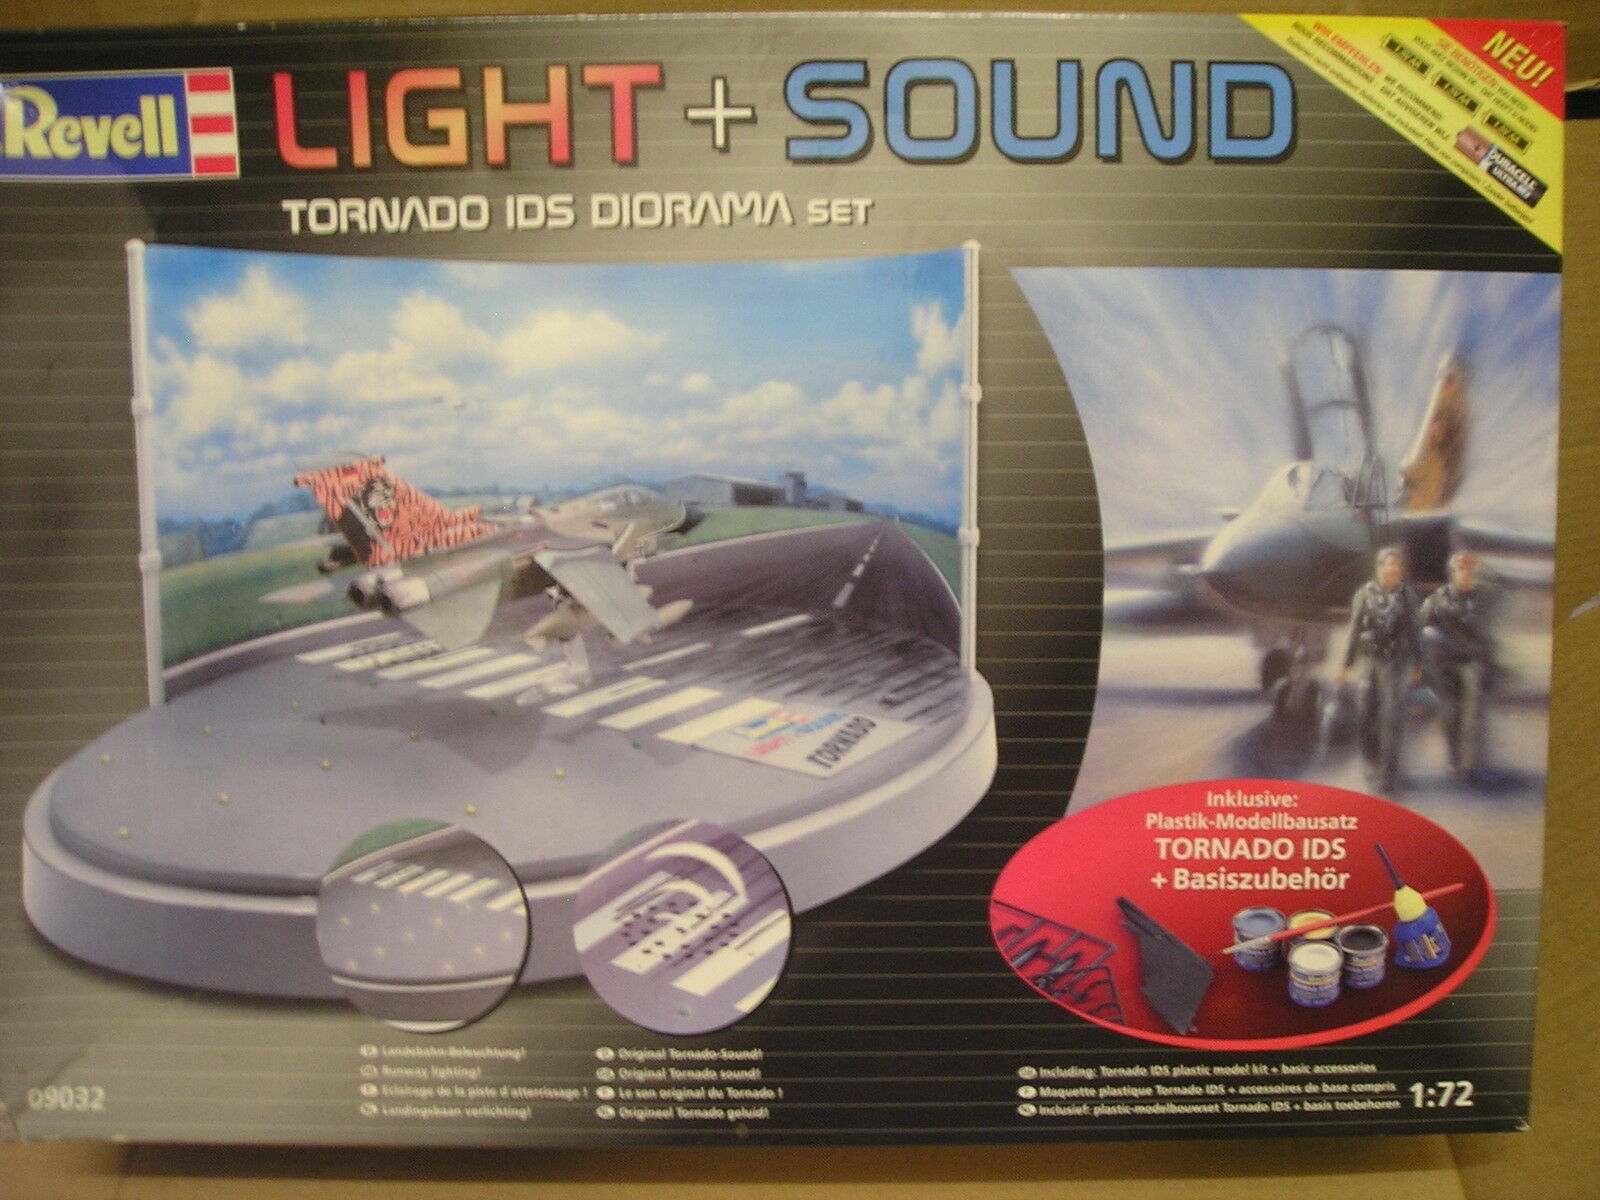 Revell No.09032  Light & Sound Tornado IDS Diorama Set  1 72 scale.